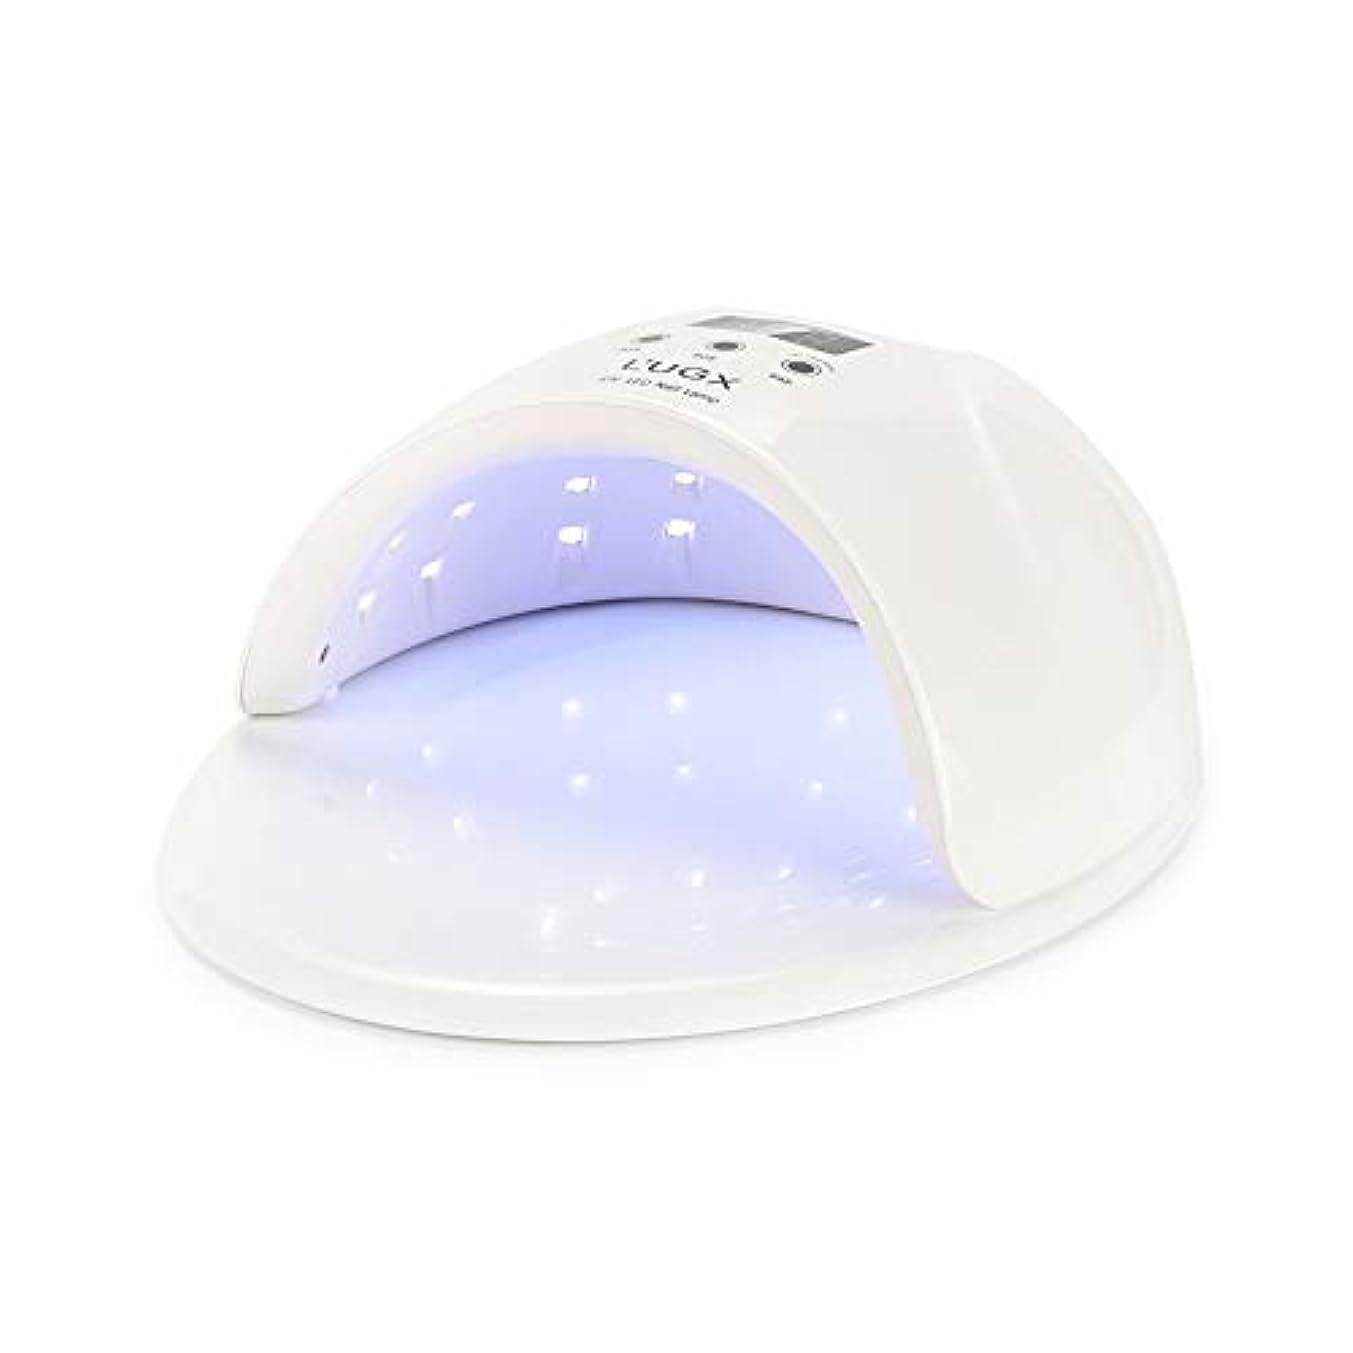 コロニアル冷ややかなより良いジェルネイルランプ、3タイマー設定付き50W UV LEDジェルネイルドライヤー - ジェルネイルポリッシュランプ